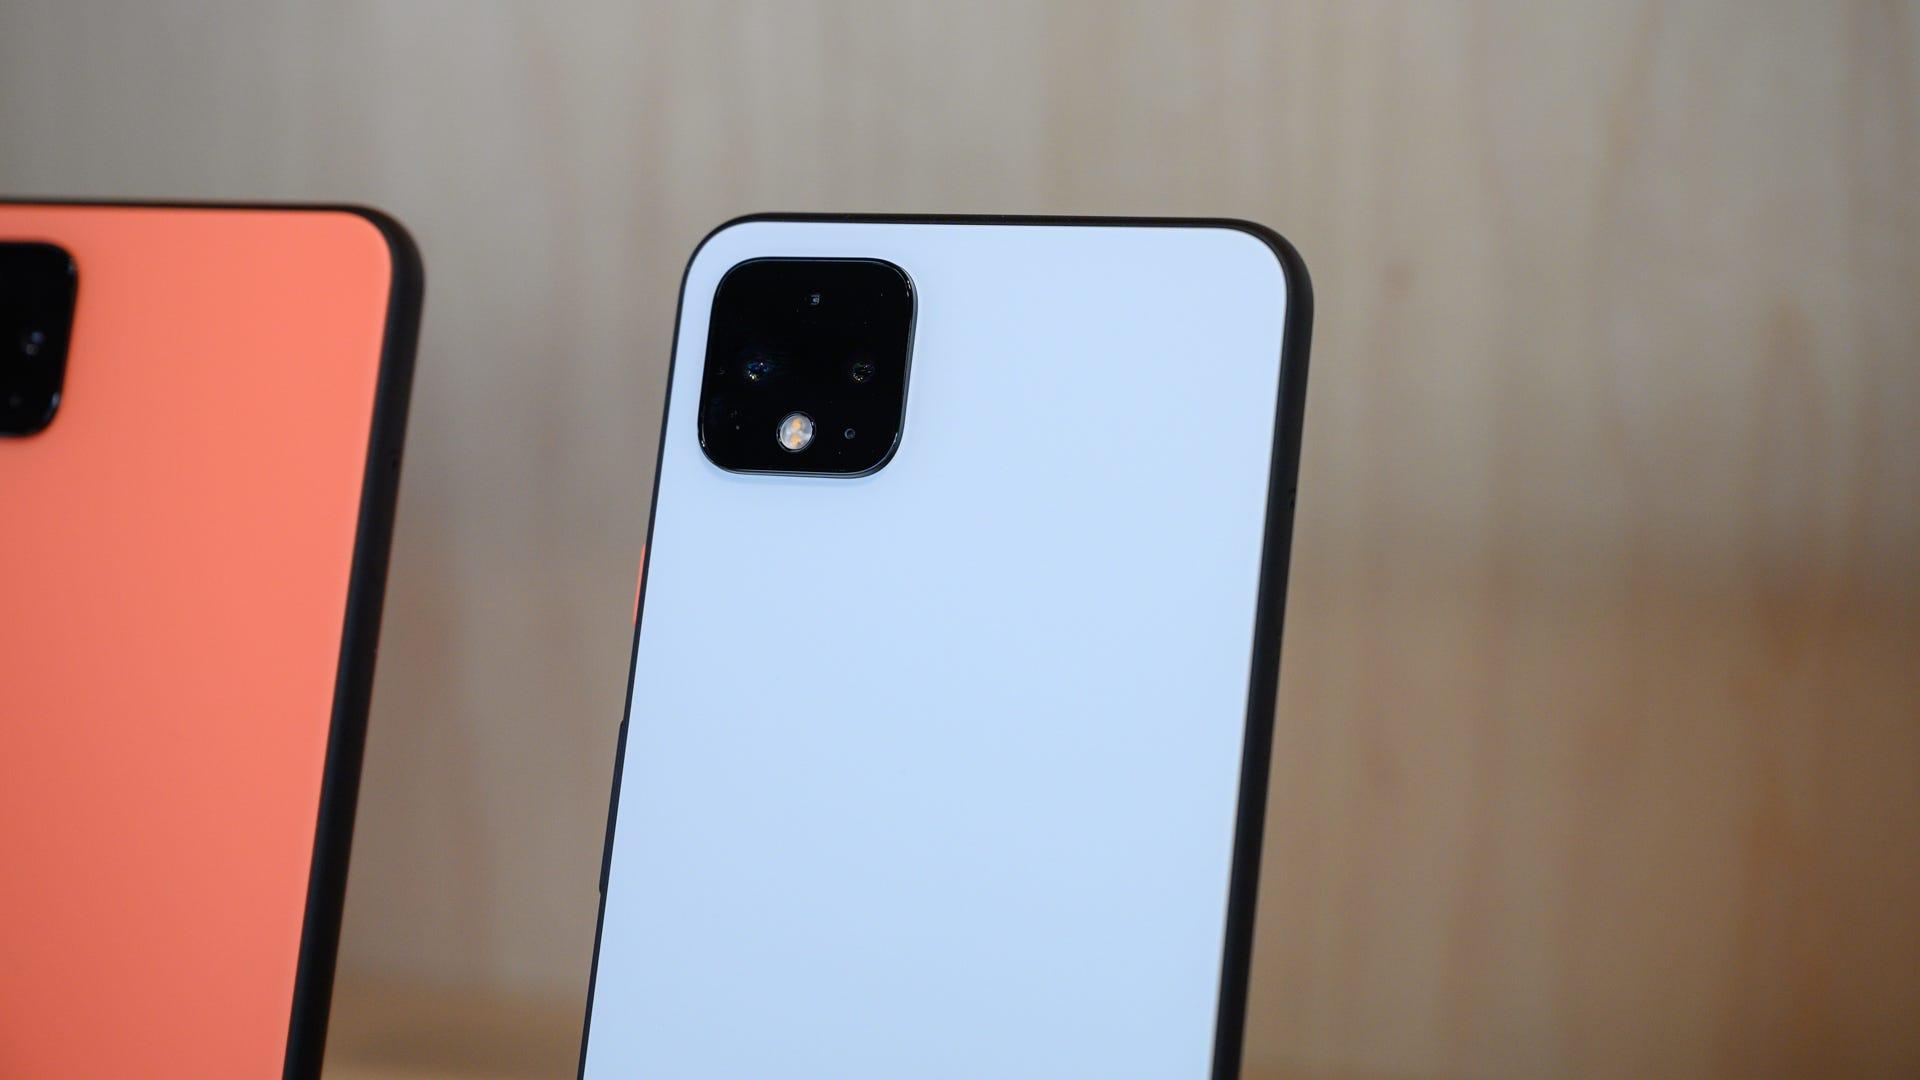 Pixel 4's camera hump